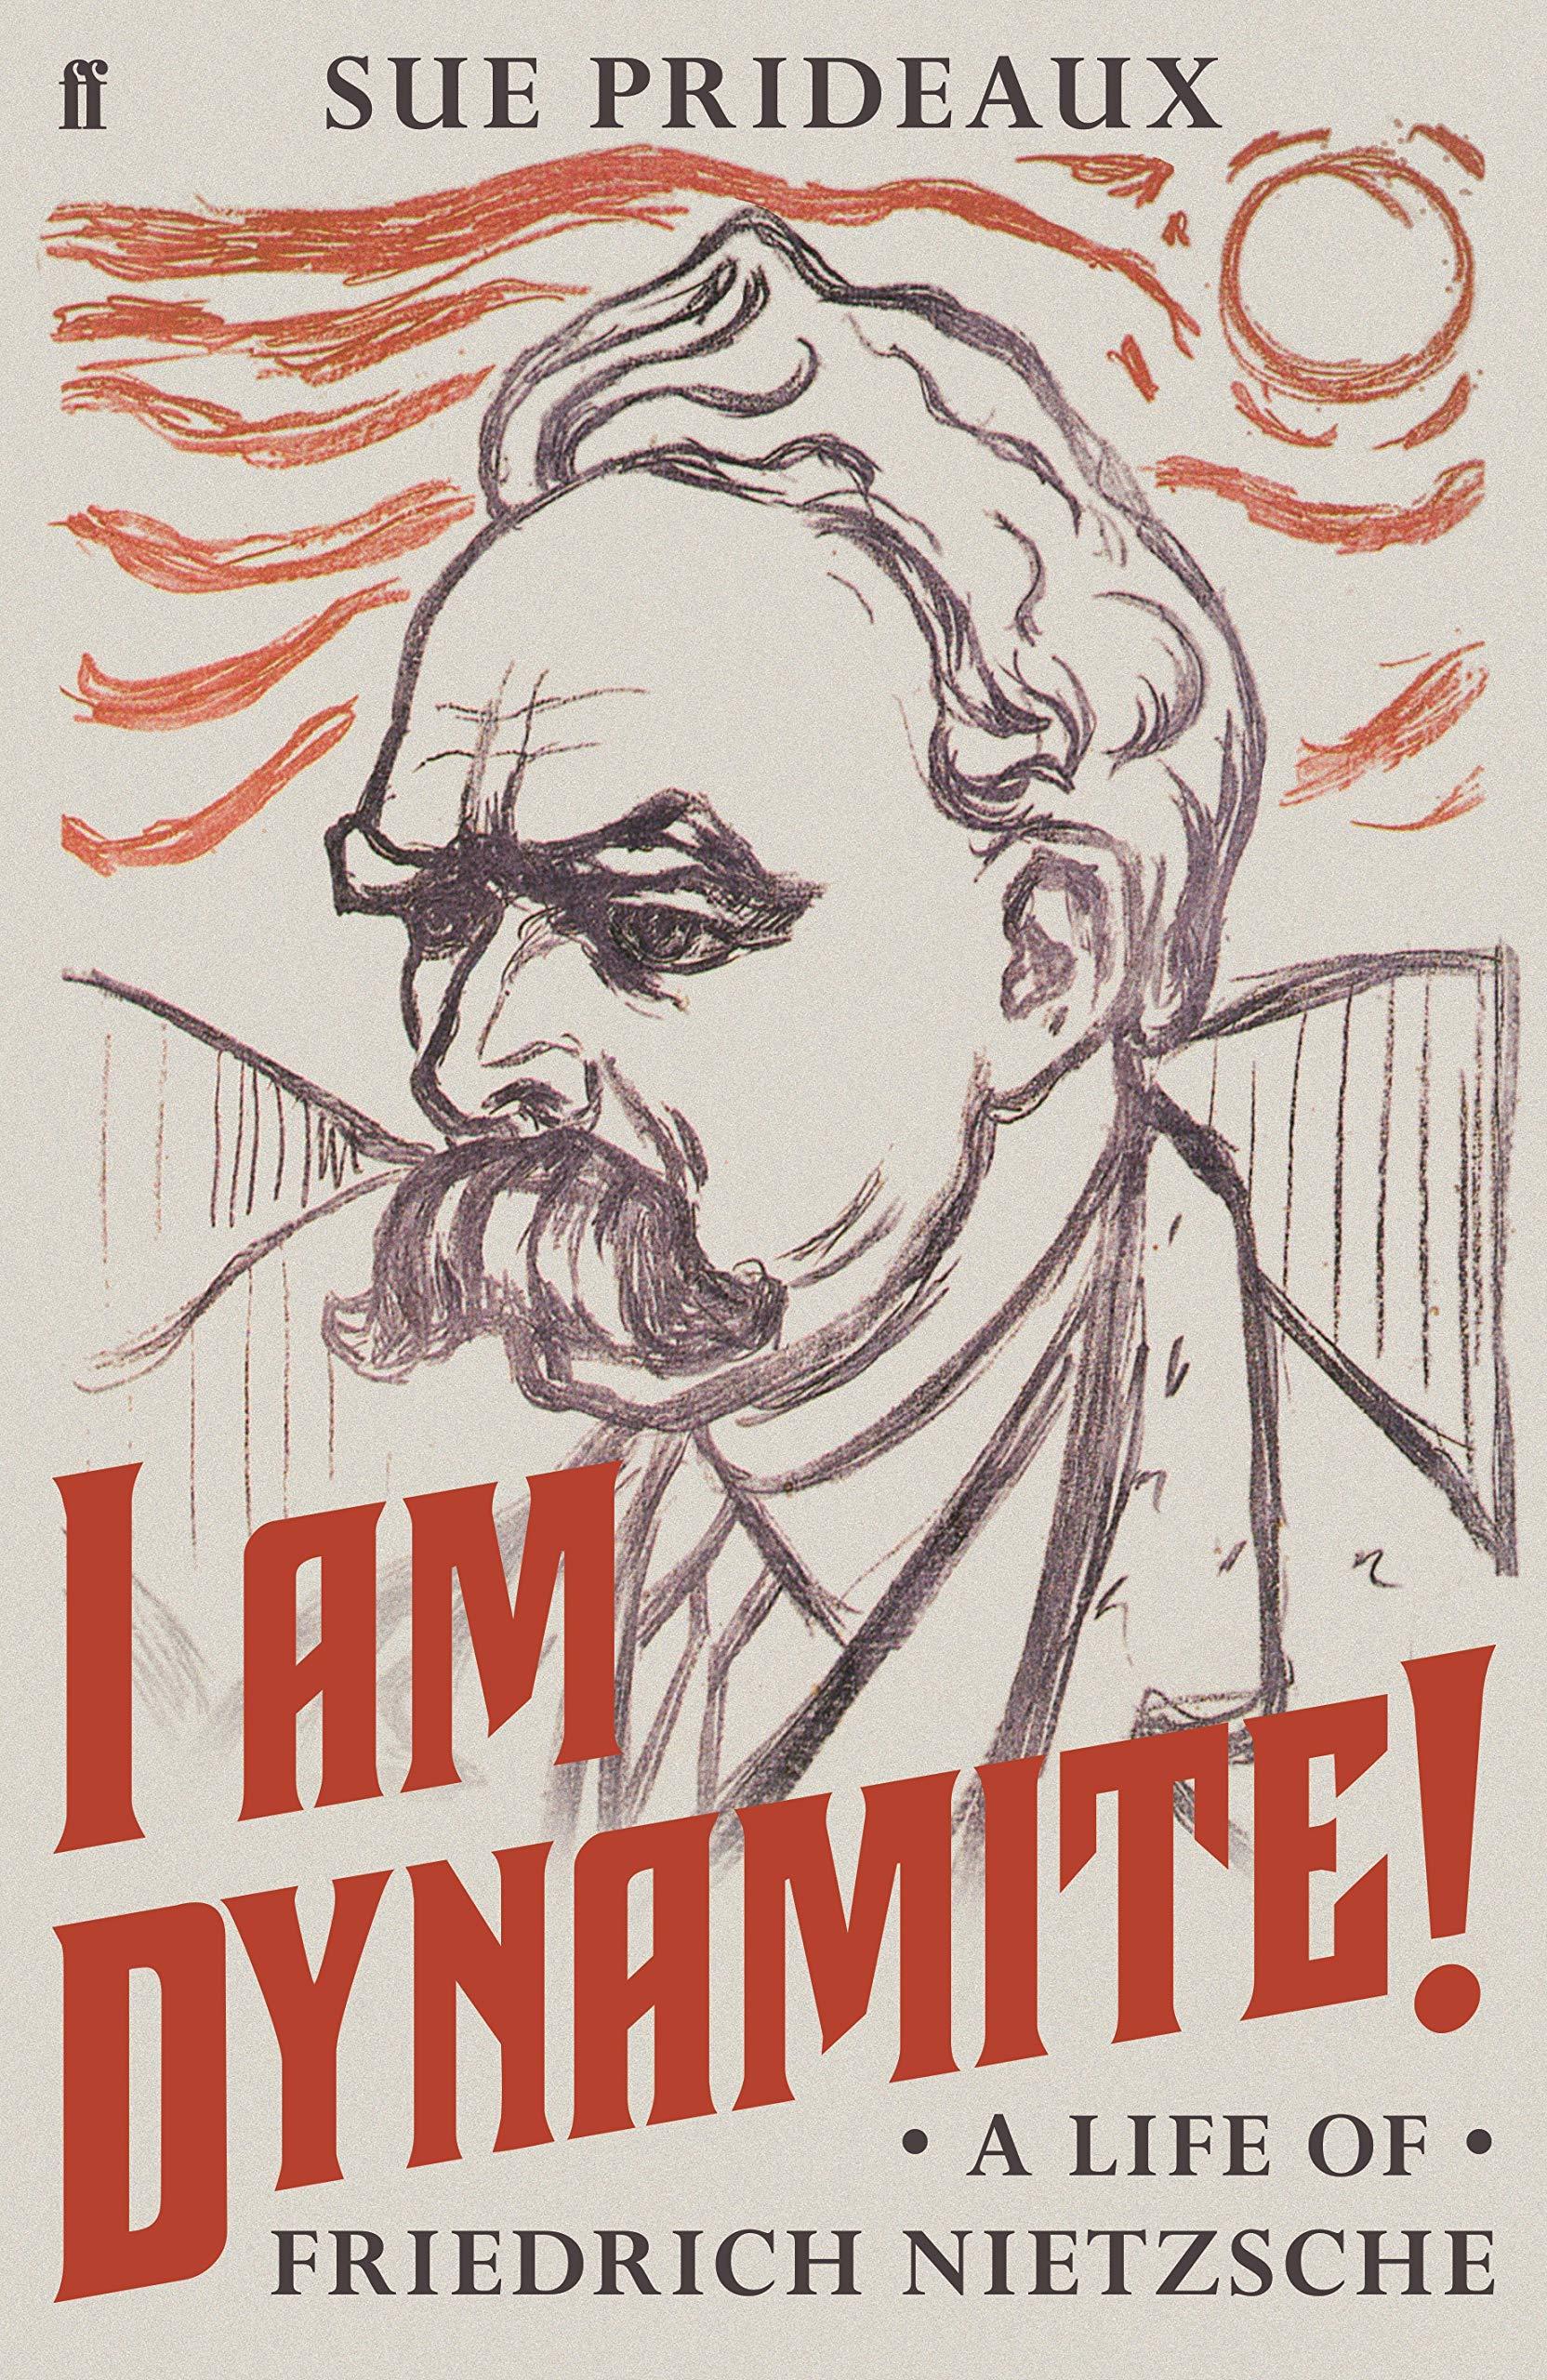 I Am Dynamite!: A Life of Friedrich Nietzsche: Amazon.es: Prideaux, Sue: Libros en idiomas extranjeros